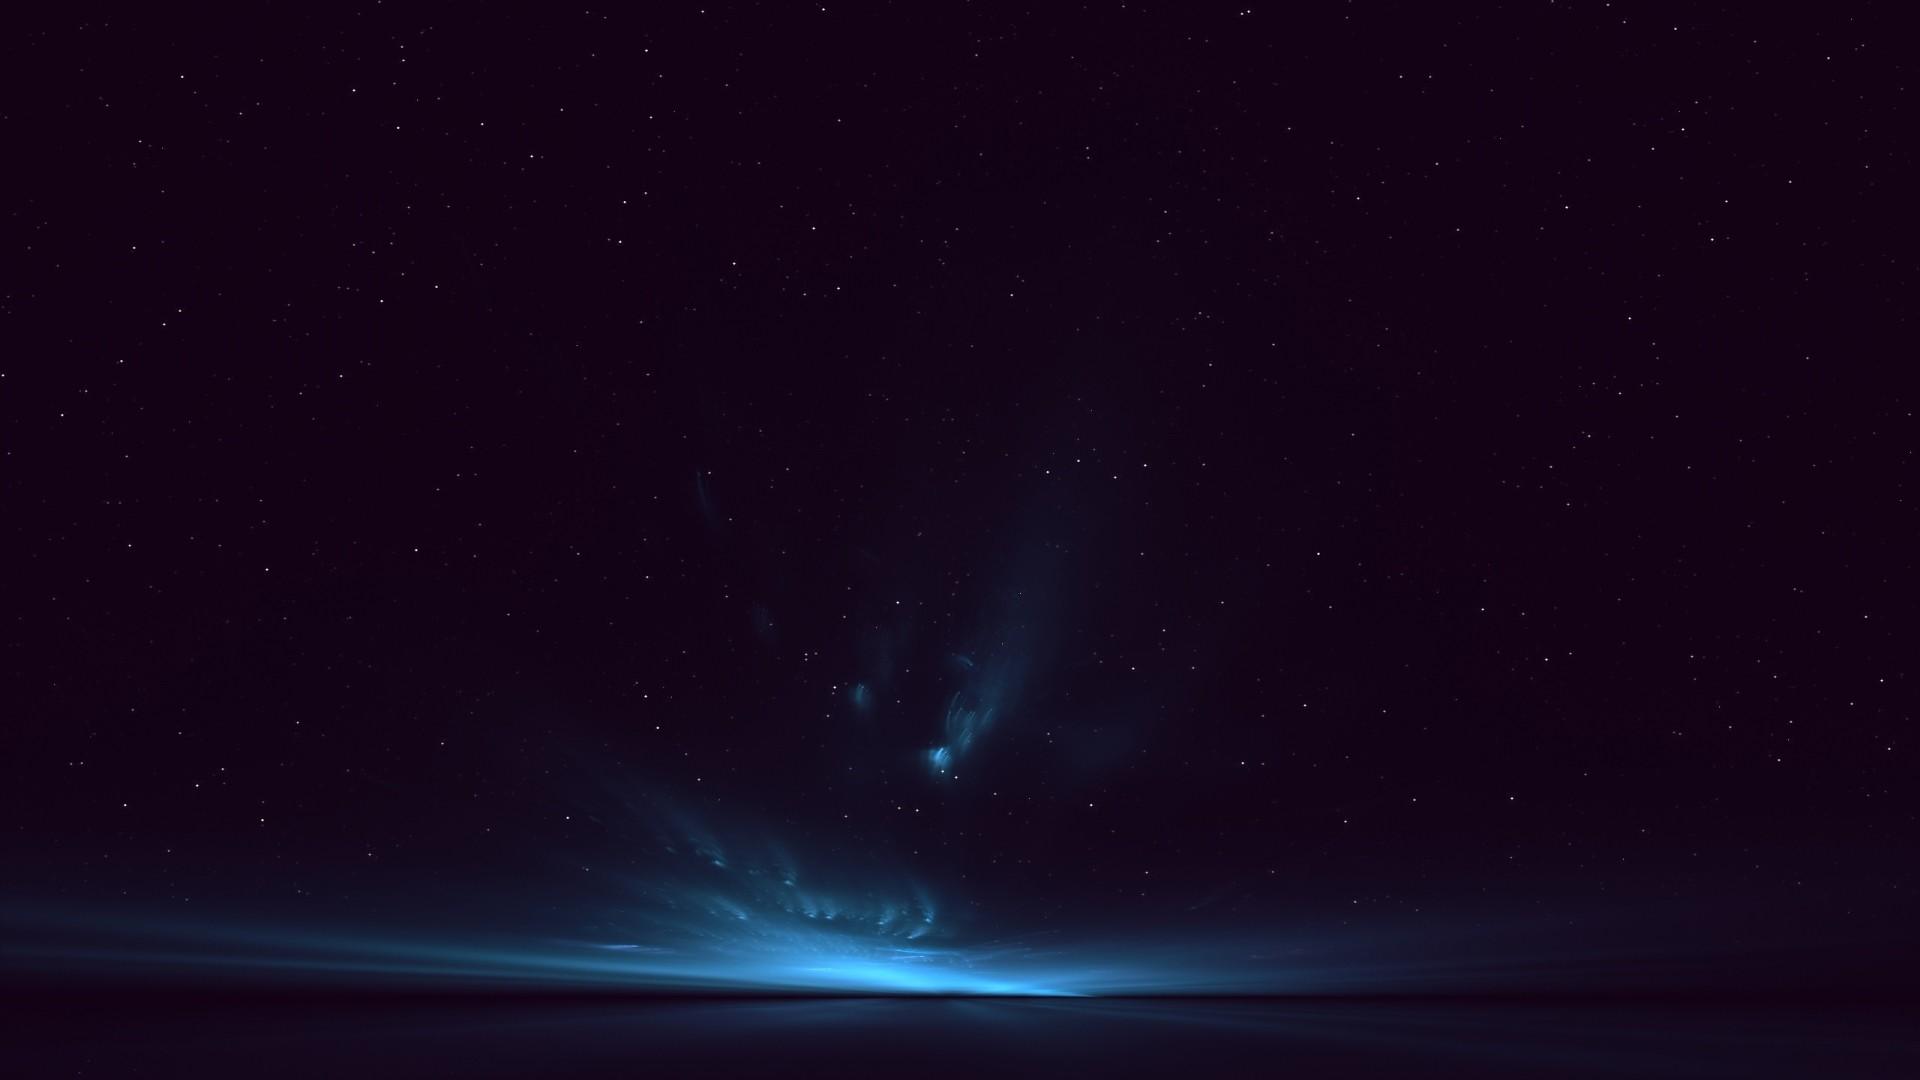 Wallpaper light, sky, stars, background